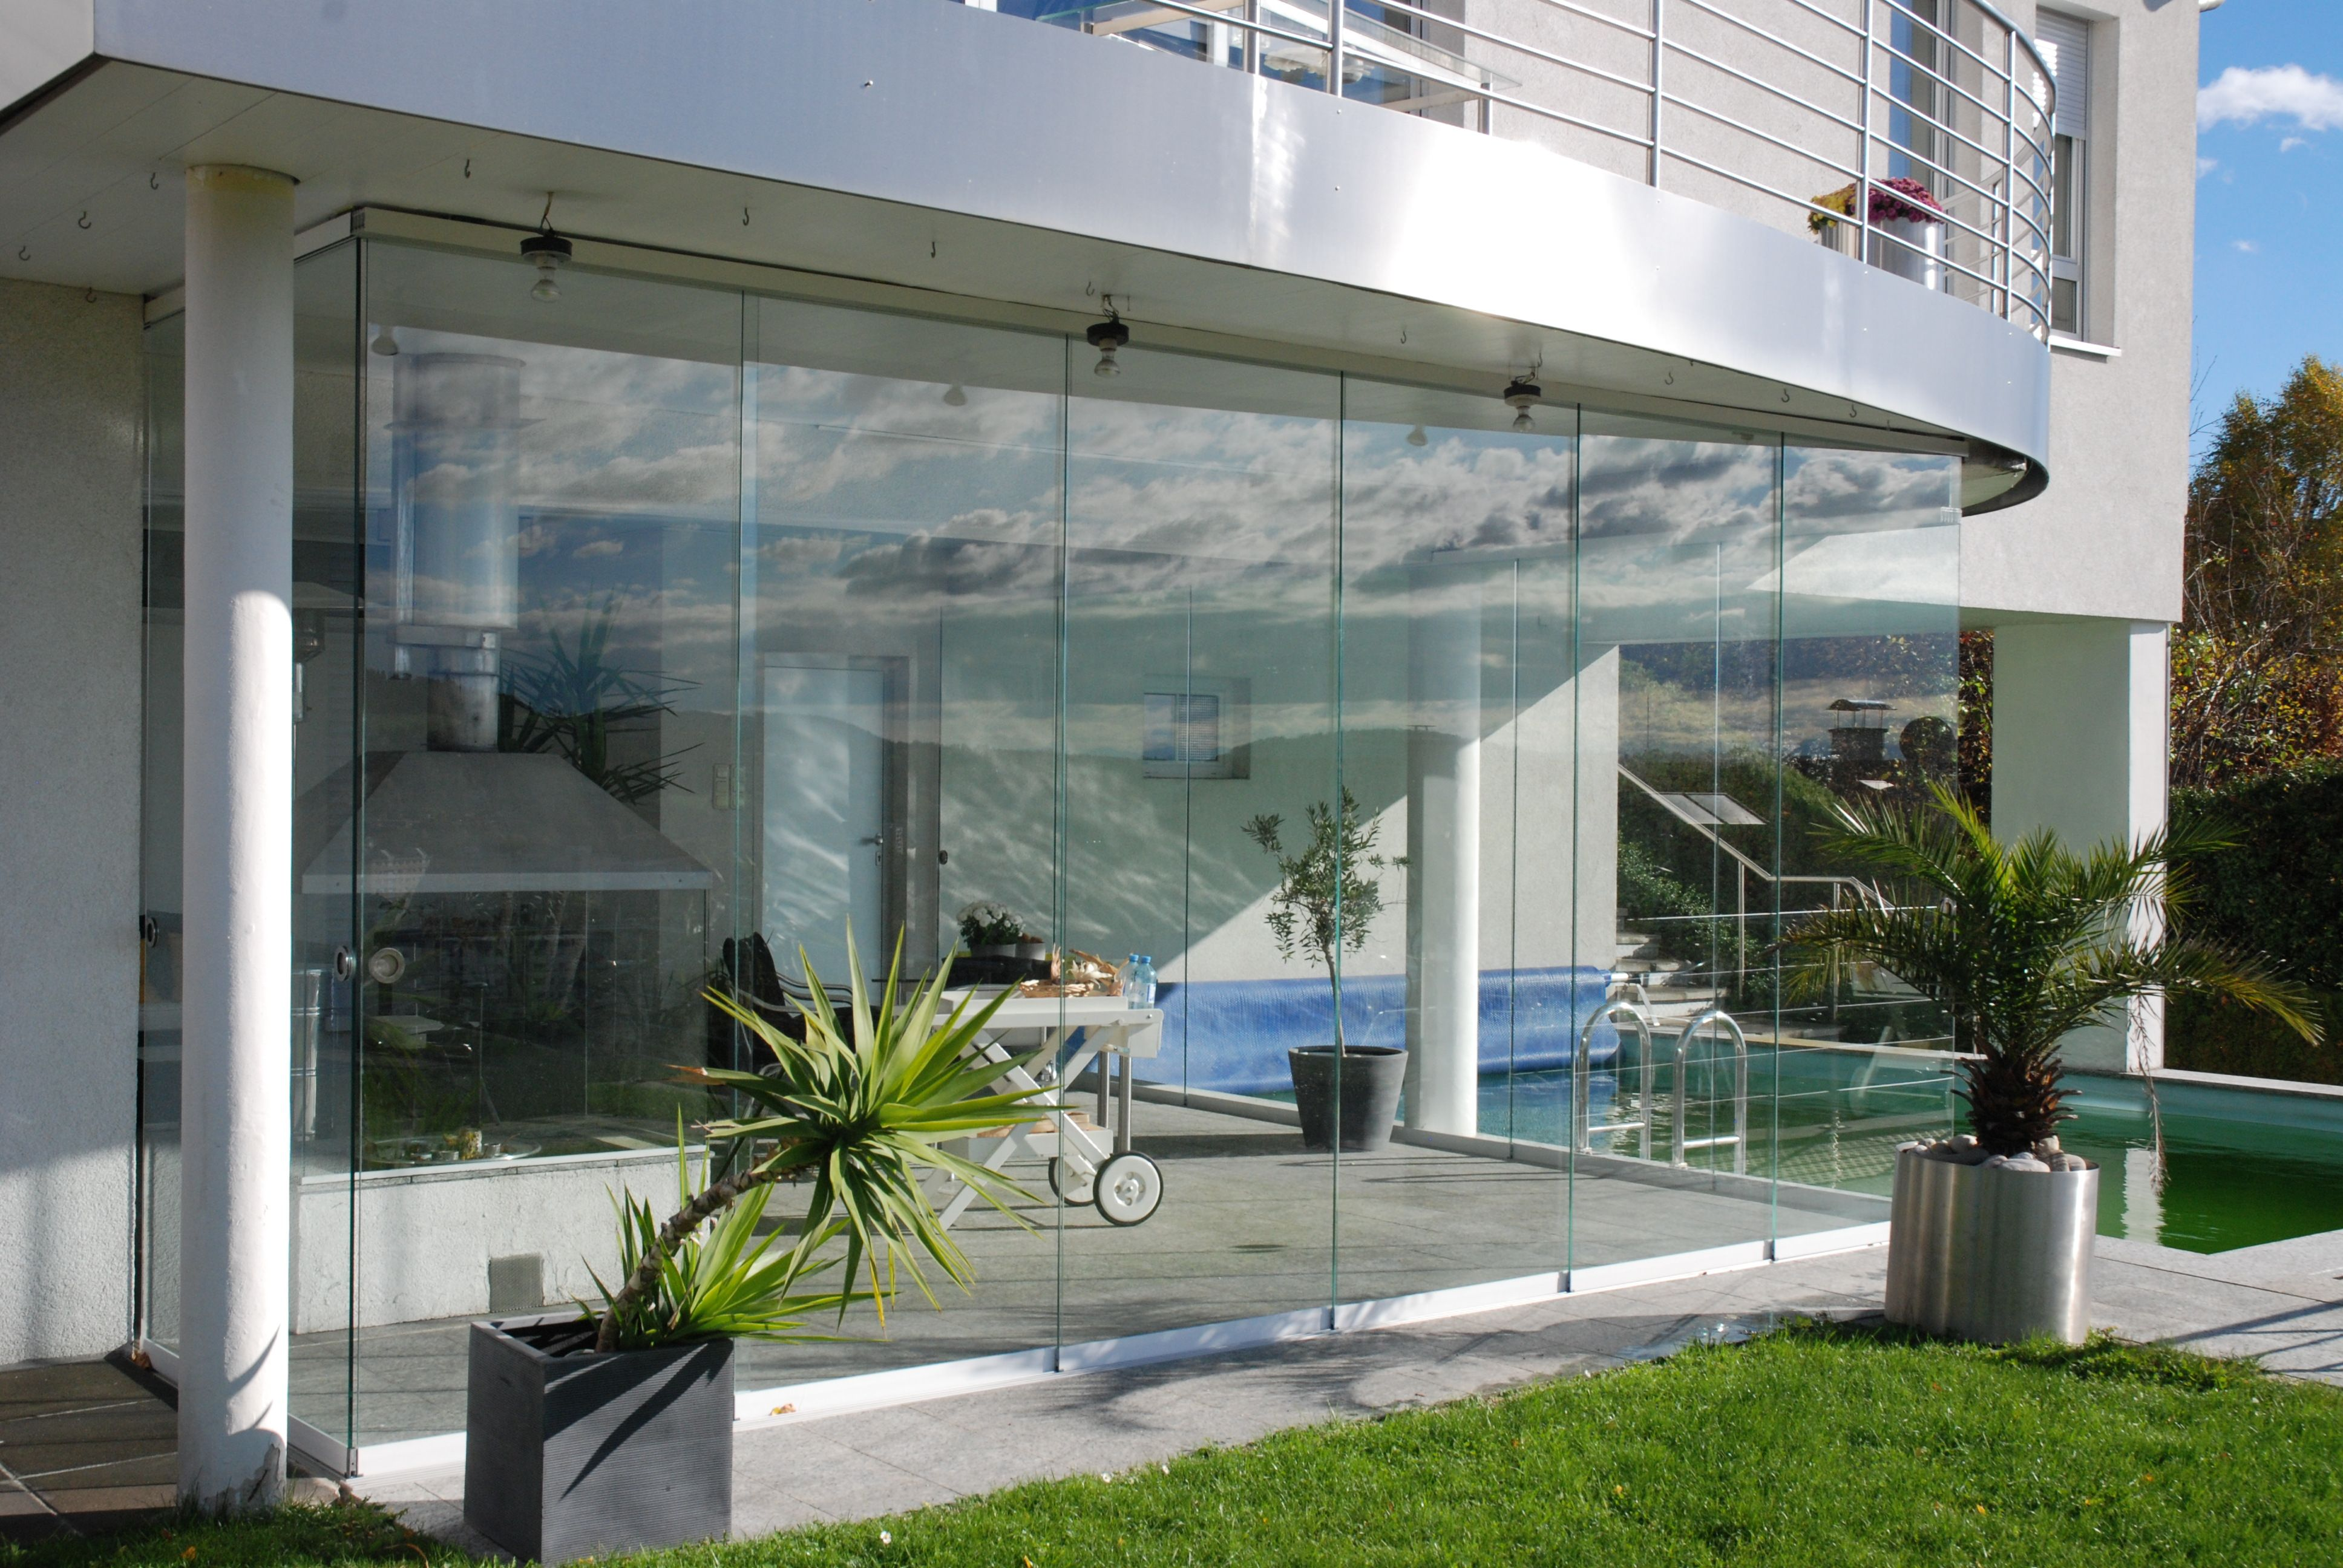 Ideen wie du mit Sunflex Schiebeverglasung dein Poolhaus verglast